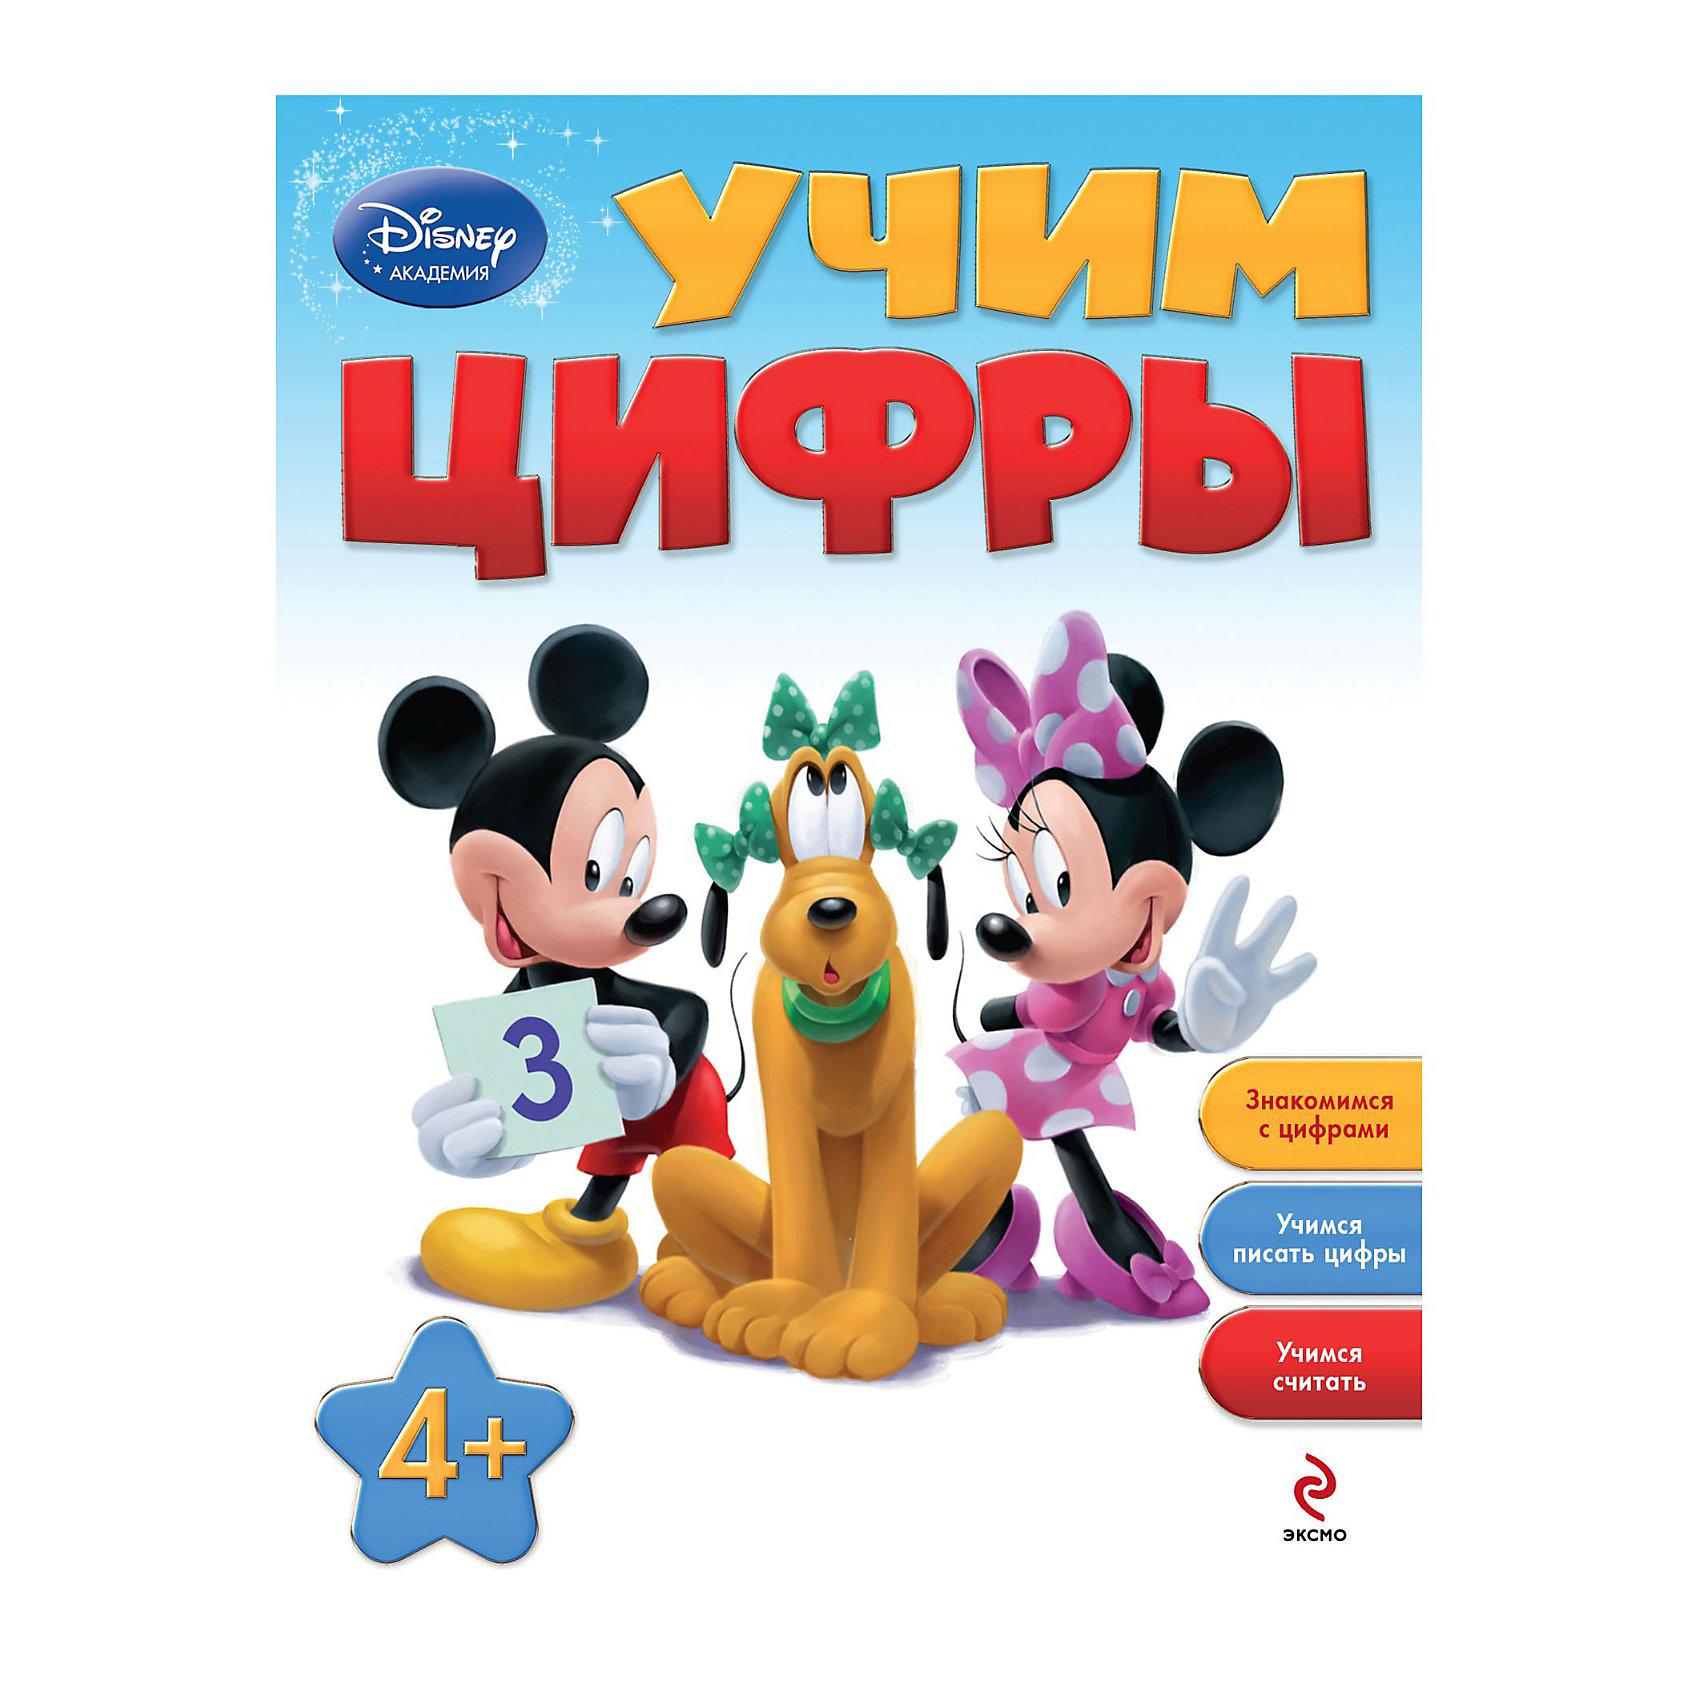 Учим цифры, Disney АкадемияЗанимаясь по книге Учим цифры, Disney Академия, Эксмо, ребёнок познакомится с цифрами и научится их писать, а также считать в пределах десяти. А любимые герои Disney с удовольствием придут малышу на помощь!<br><br>Дополнительная информация:<br>- редактор:  А. Жилинская<br>- иллюстрации:  цветные<br>- кол-во страниц: 48<br>- формат: 60х84/8 (210х280 мм)<br>- переплет: мягкий<br><br>Учим цифры, Disney Академия, Эксмо содержит в себе интересные и разнообразные задания, выполняя которые ребенок в игровой форме научится считать и писать цифры.<br><br>Книгу Учим цифры, Disney Академия, Эксмо можно купить в нашем магазине.<br><br>Ширина мм: 280<br>Глубина мм: 210<br>Высота мм: 10<br>Вес г: 144<br>Возраст от месяцев: 48<br>Возраст до месяцев: 72<br>Пол: Унисекс<br>Возраст: Детский<br>SKU: 3665155